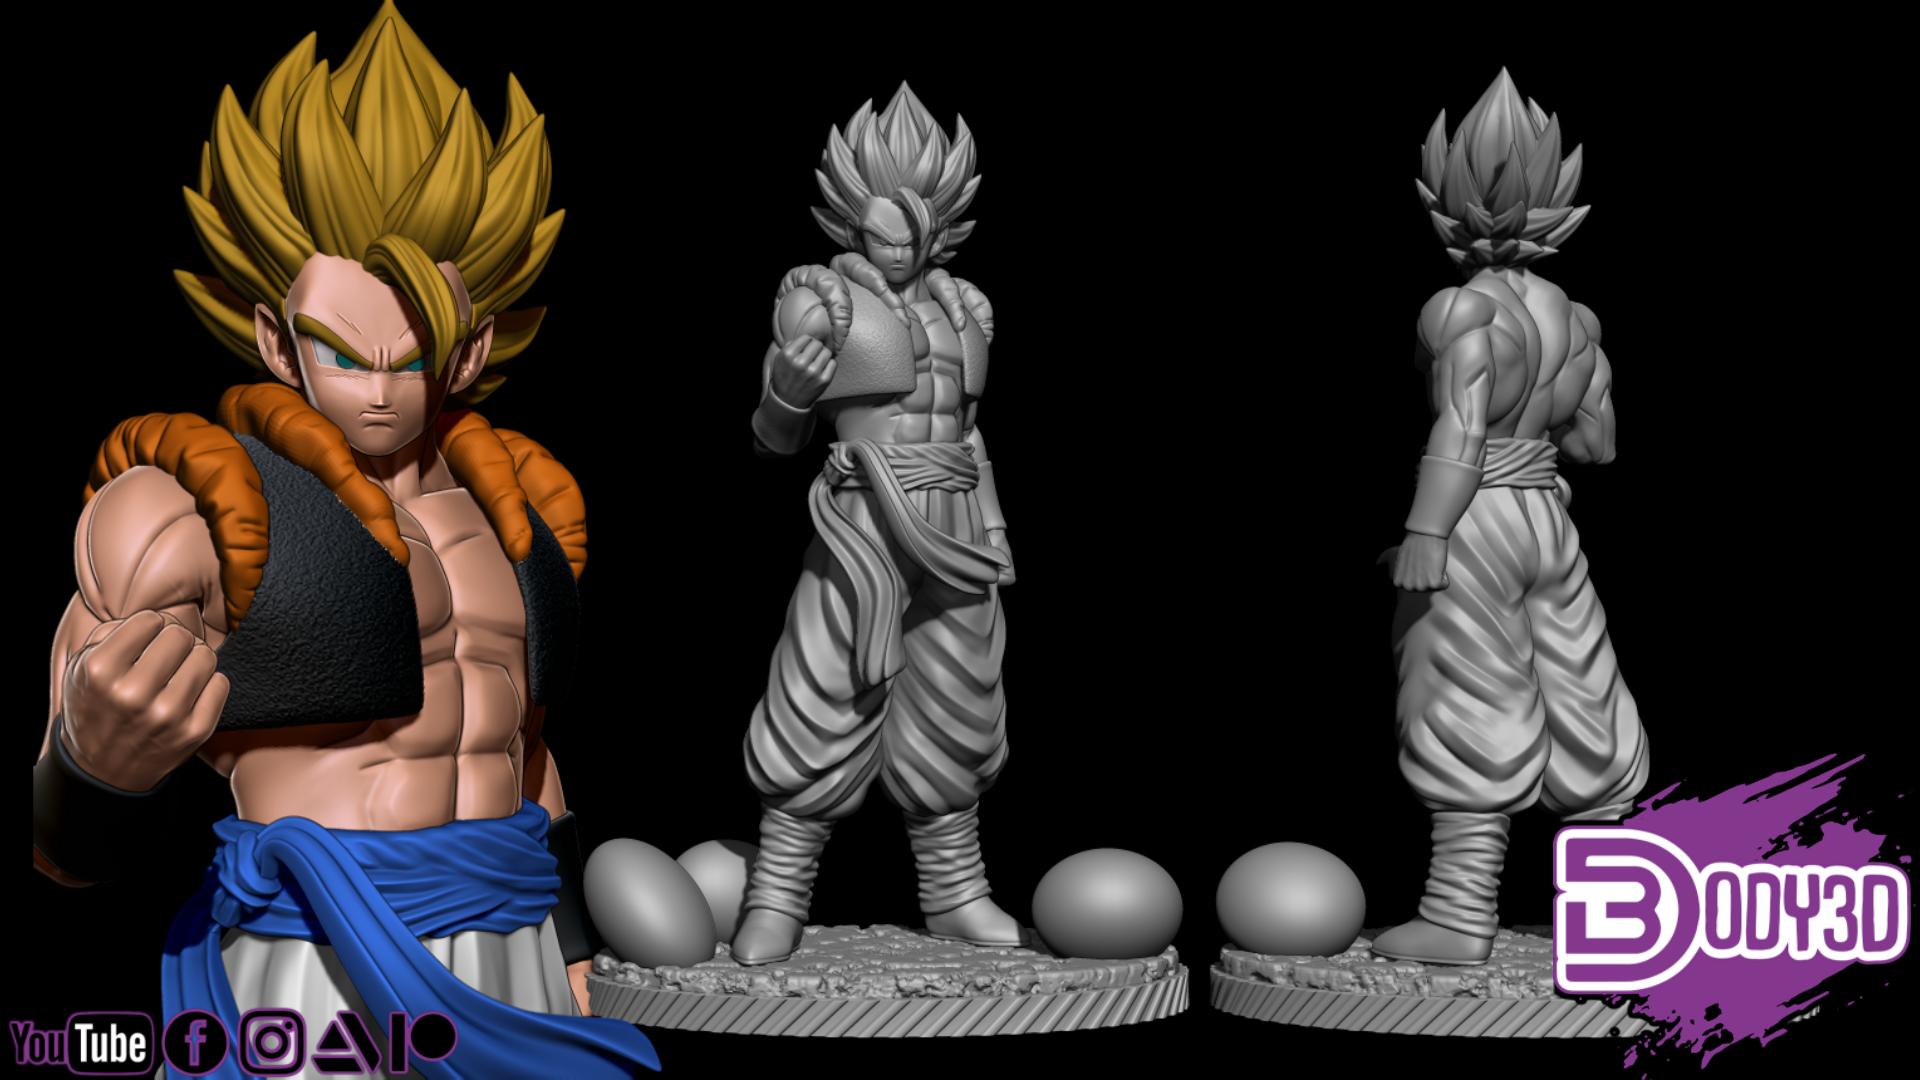 fgdsgdgdgsg.png Télécharger fichier STL Bundle Gogeta - Dragon Ball • Design pour impression 3D, BODY3D